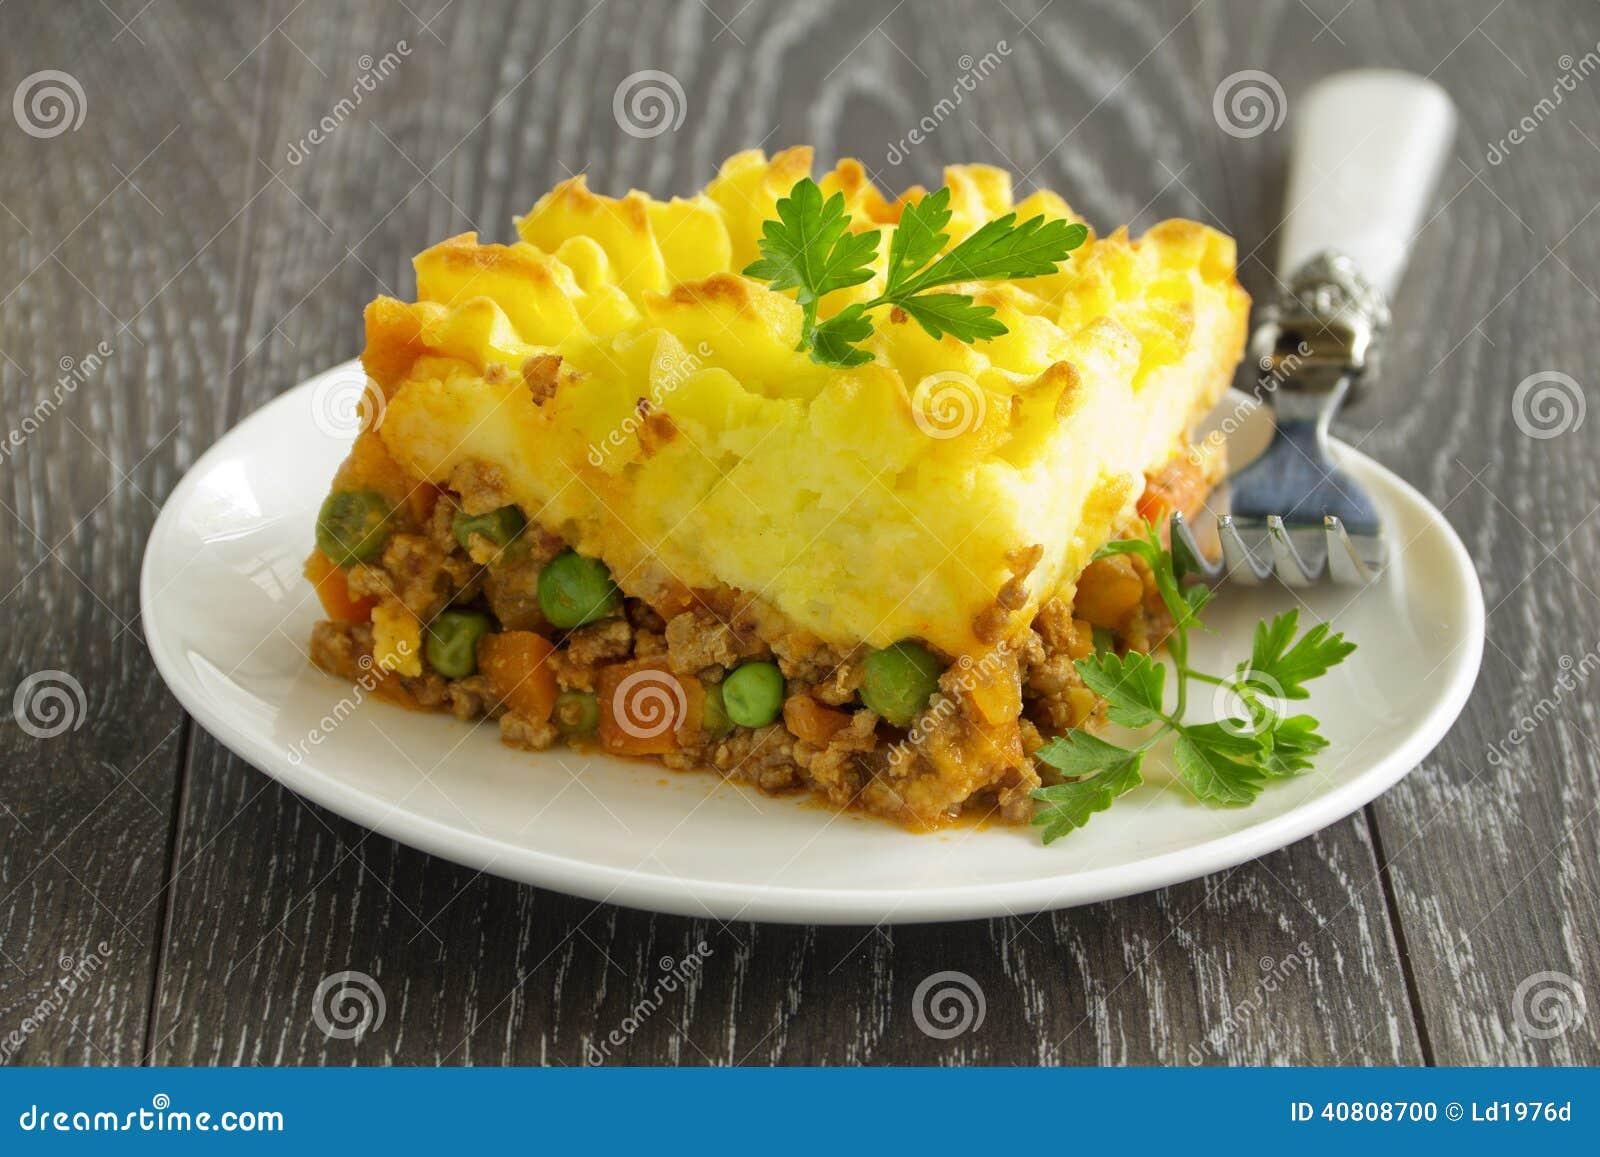 Torta Di Carne, Cucina Inglese Fotografia Stock - Immagine di carota ...